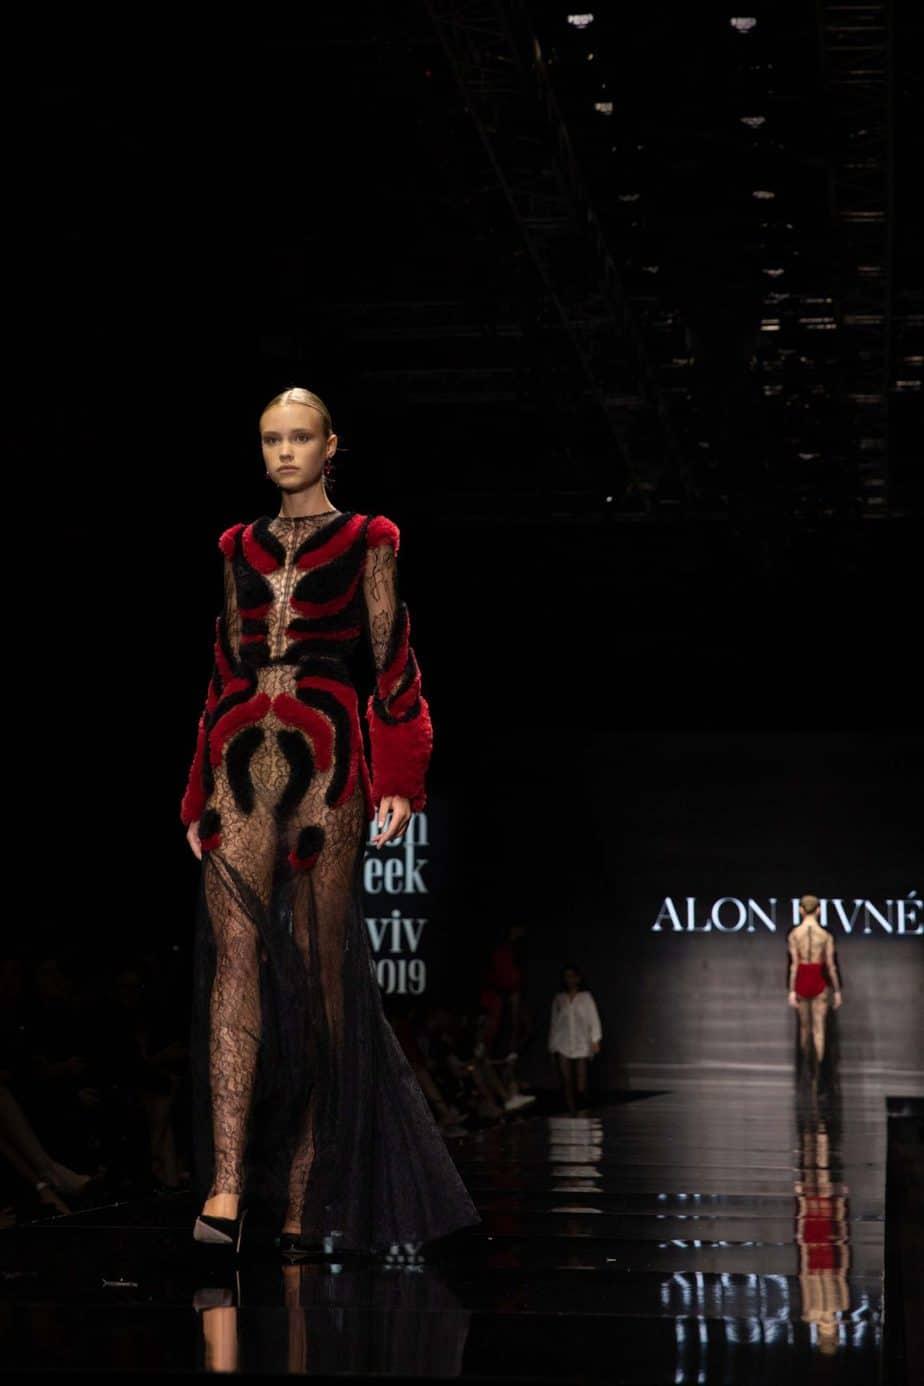 אלון ליבנה. שבוע האופנה תל אביב 2019. צילום עומר קפלן - 6